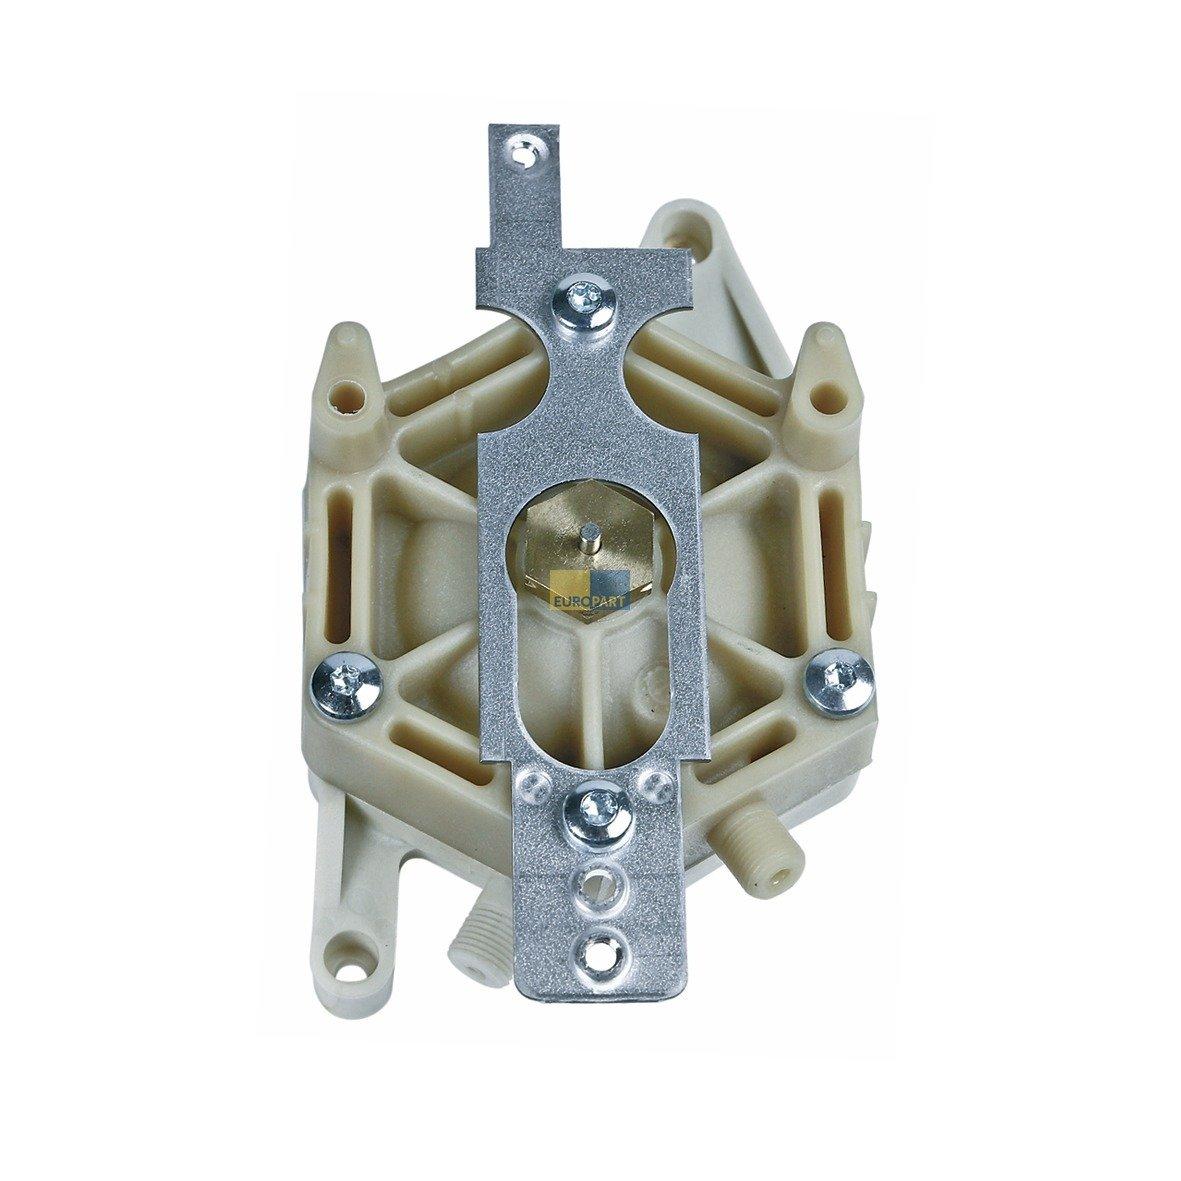 Bosch Siemens 10004109 Gehäuse-Unterteil mit Gummimembrane Heißwassergerät